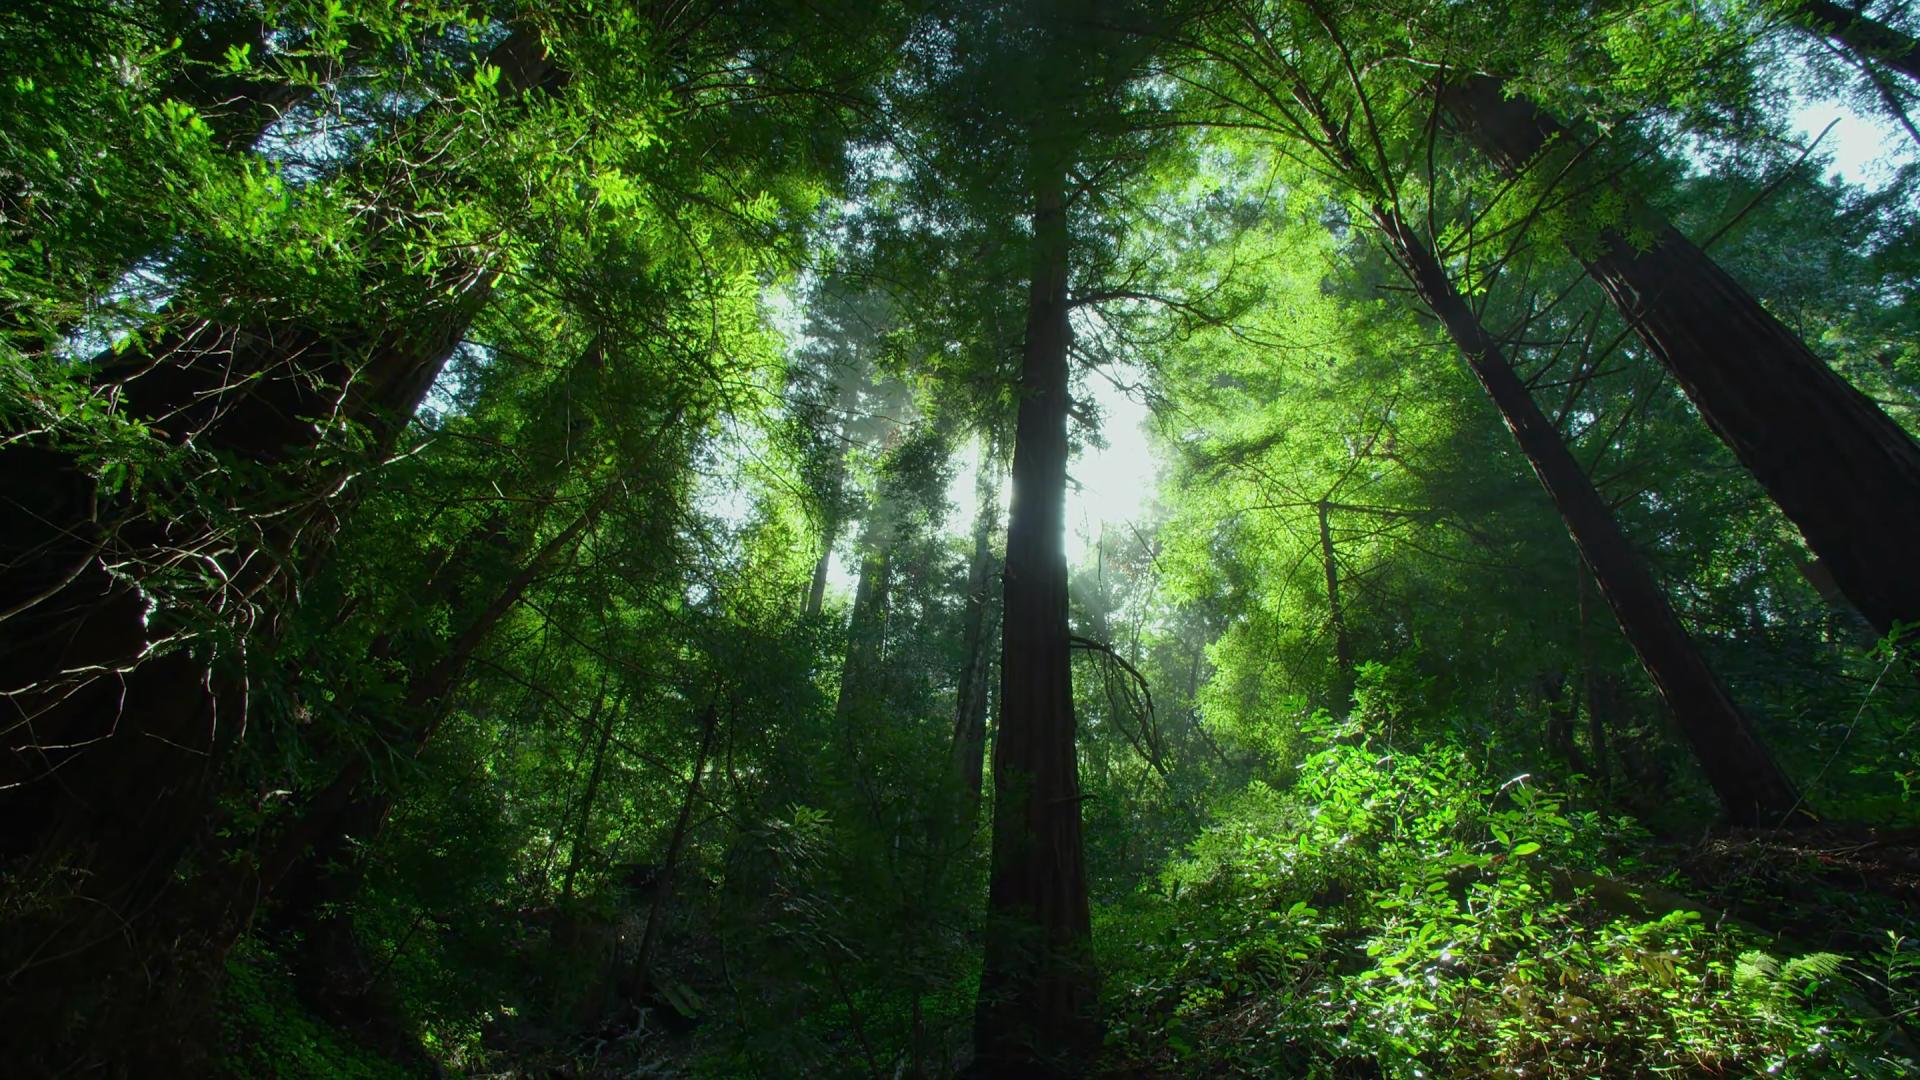 Erde/Natur - Dschungel Wallpaper - Dschungel Hintergrund PNG